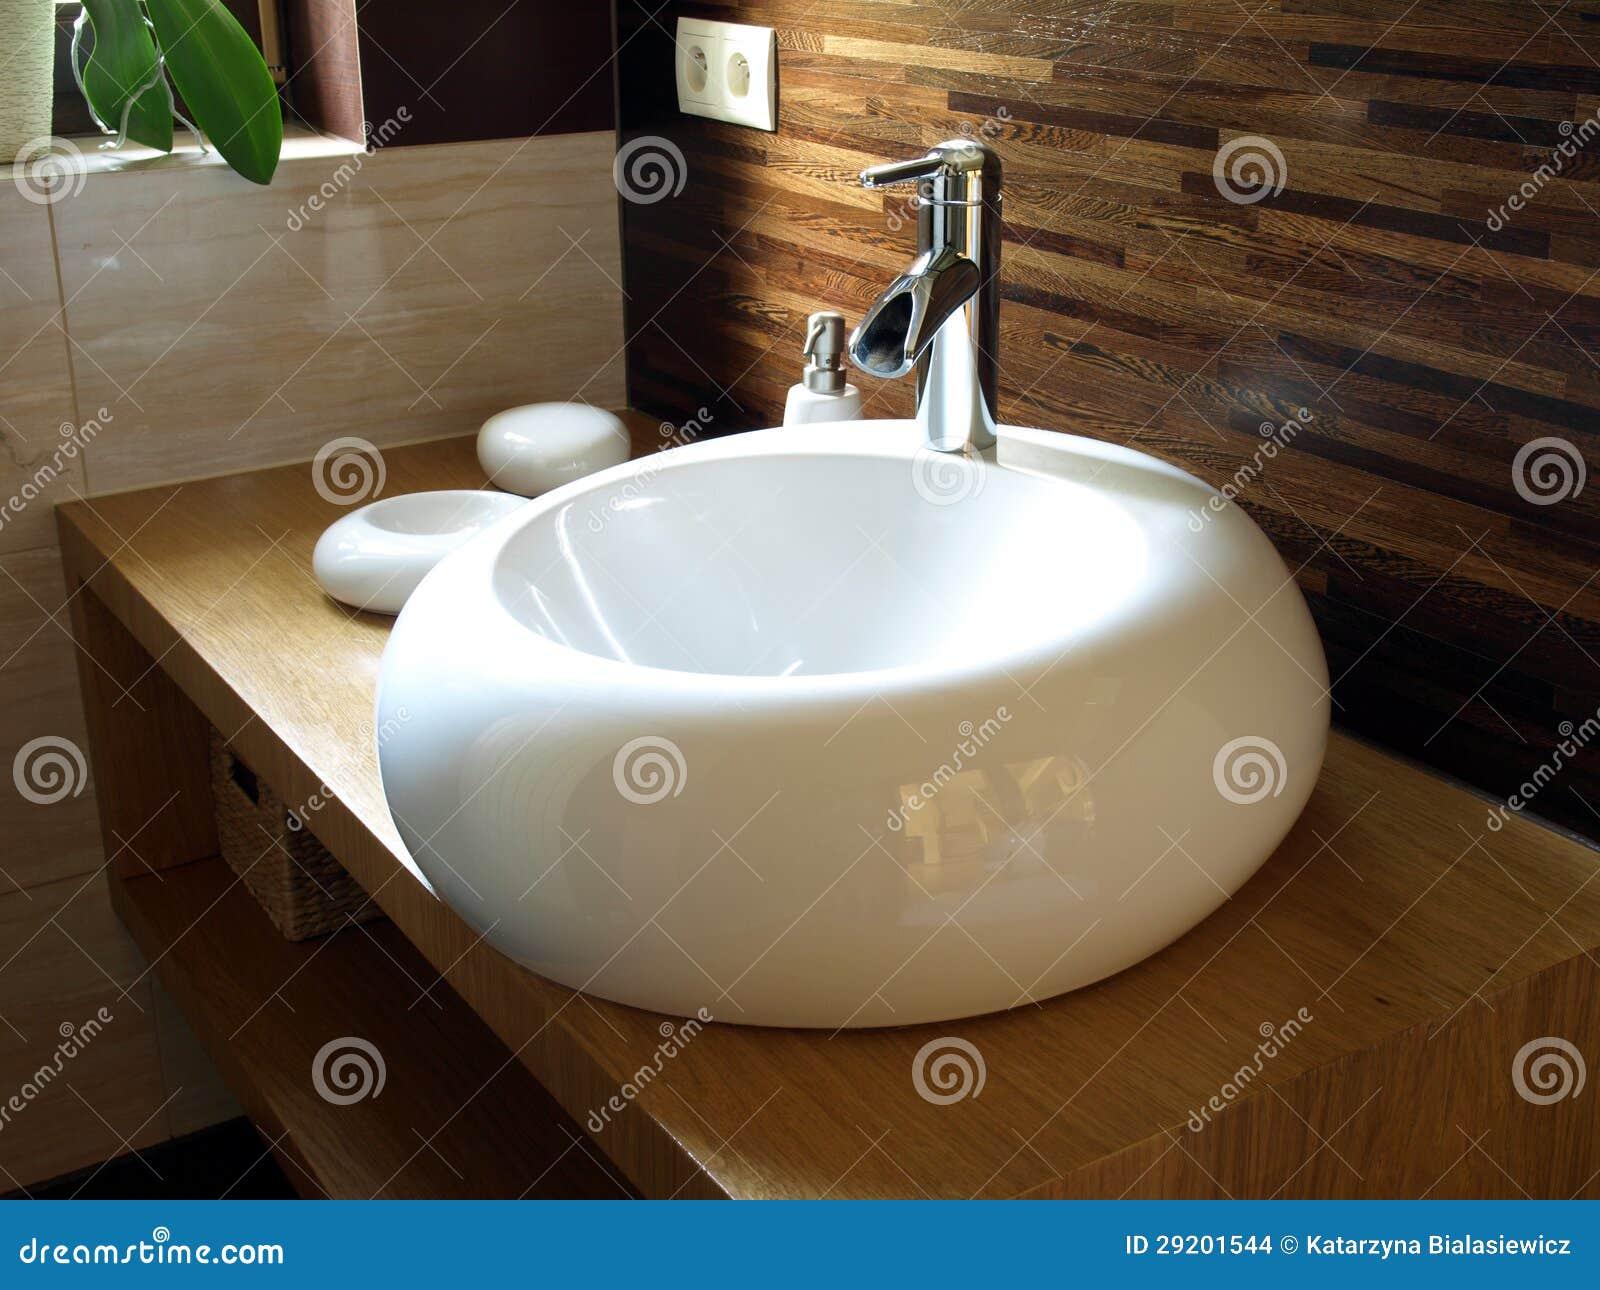 Lavandino rotondo in un bagno moderno immagini stock immagine 29201544 - Piano lavandino bagno ...